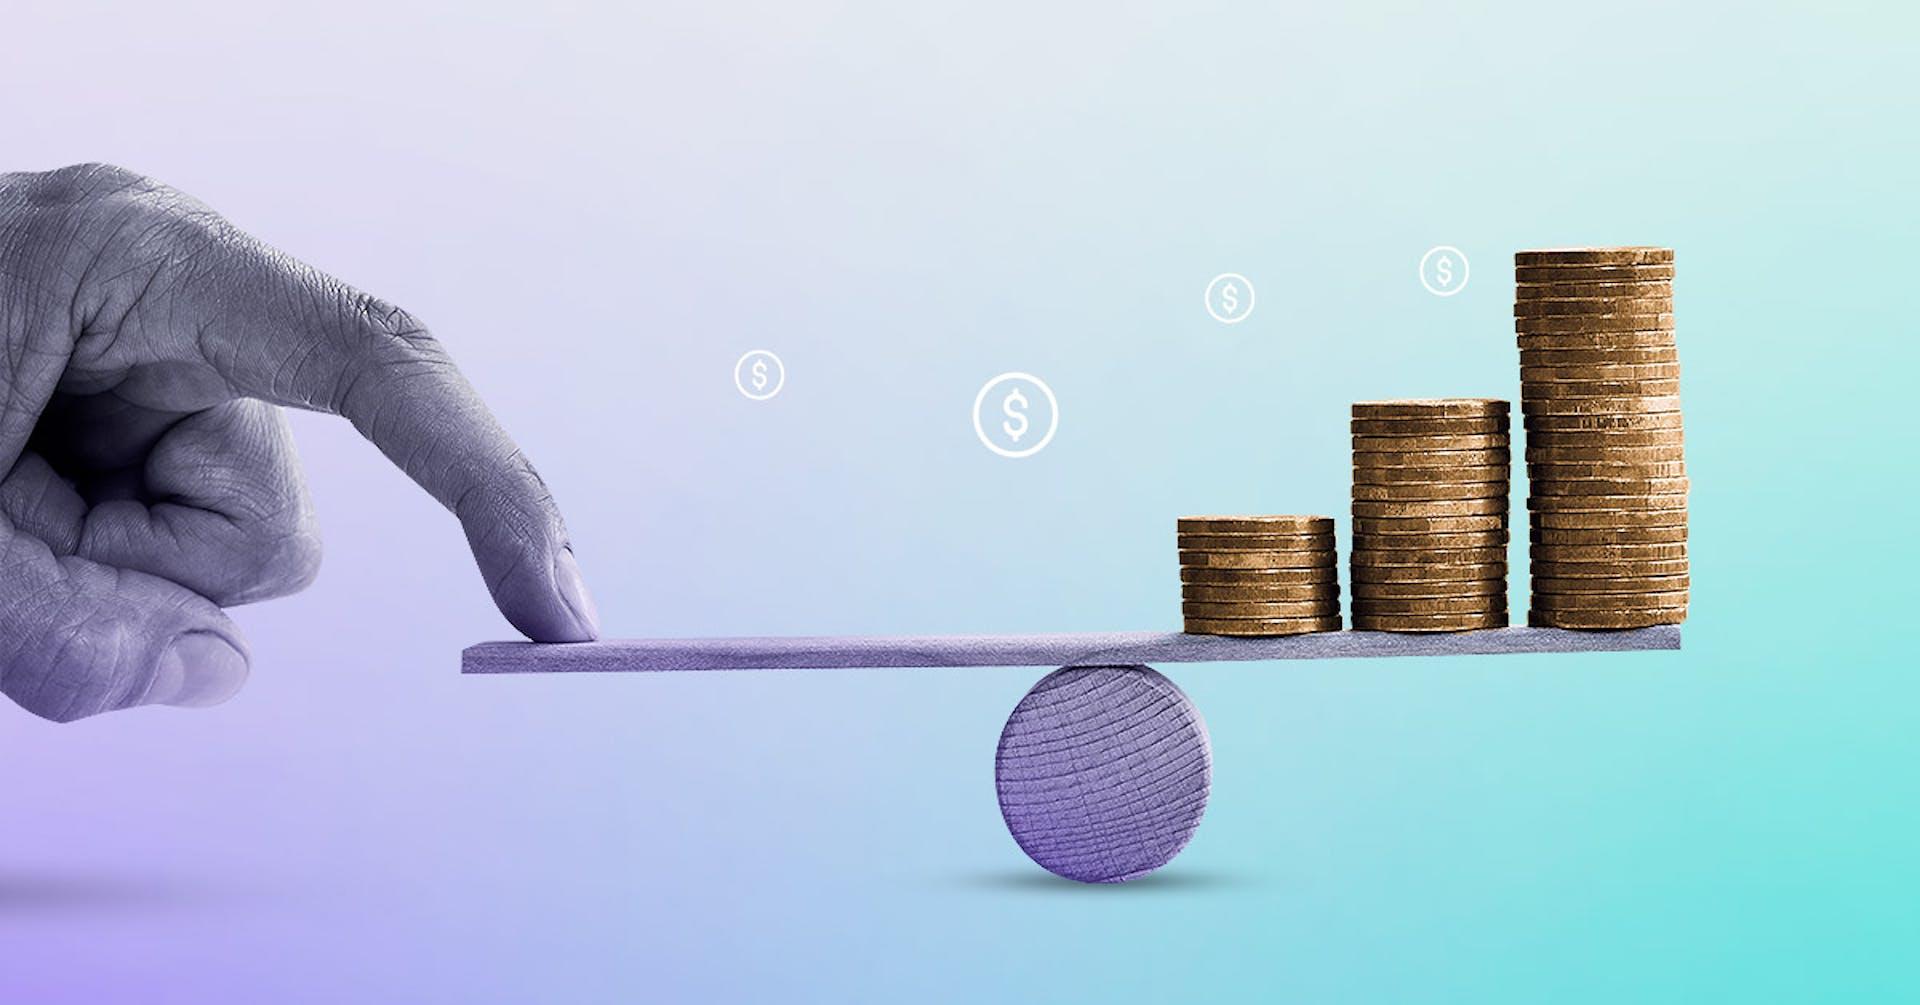 Apalancamiento financiero: qué es y por qué es importante entenderlo